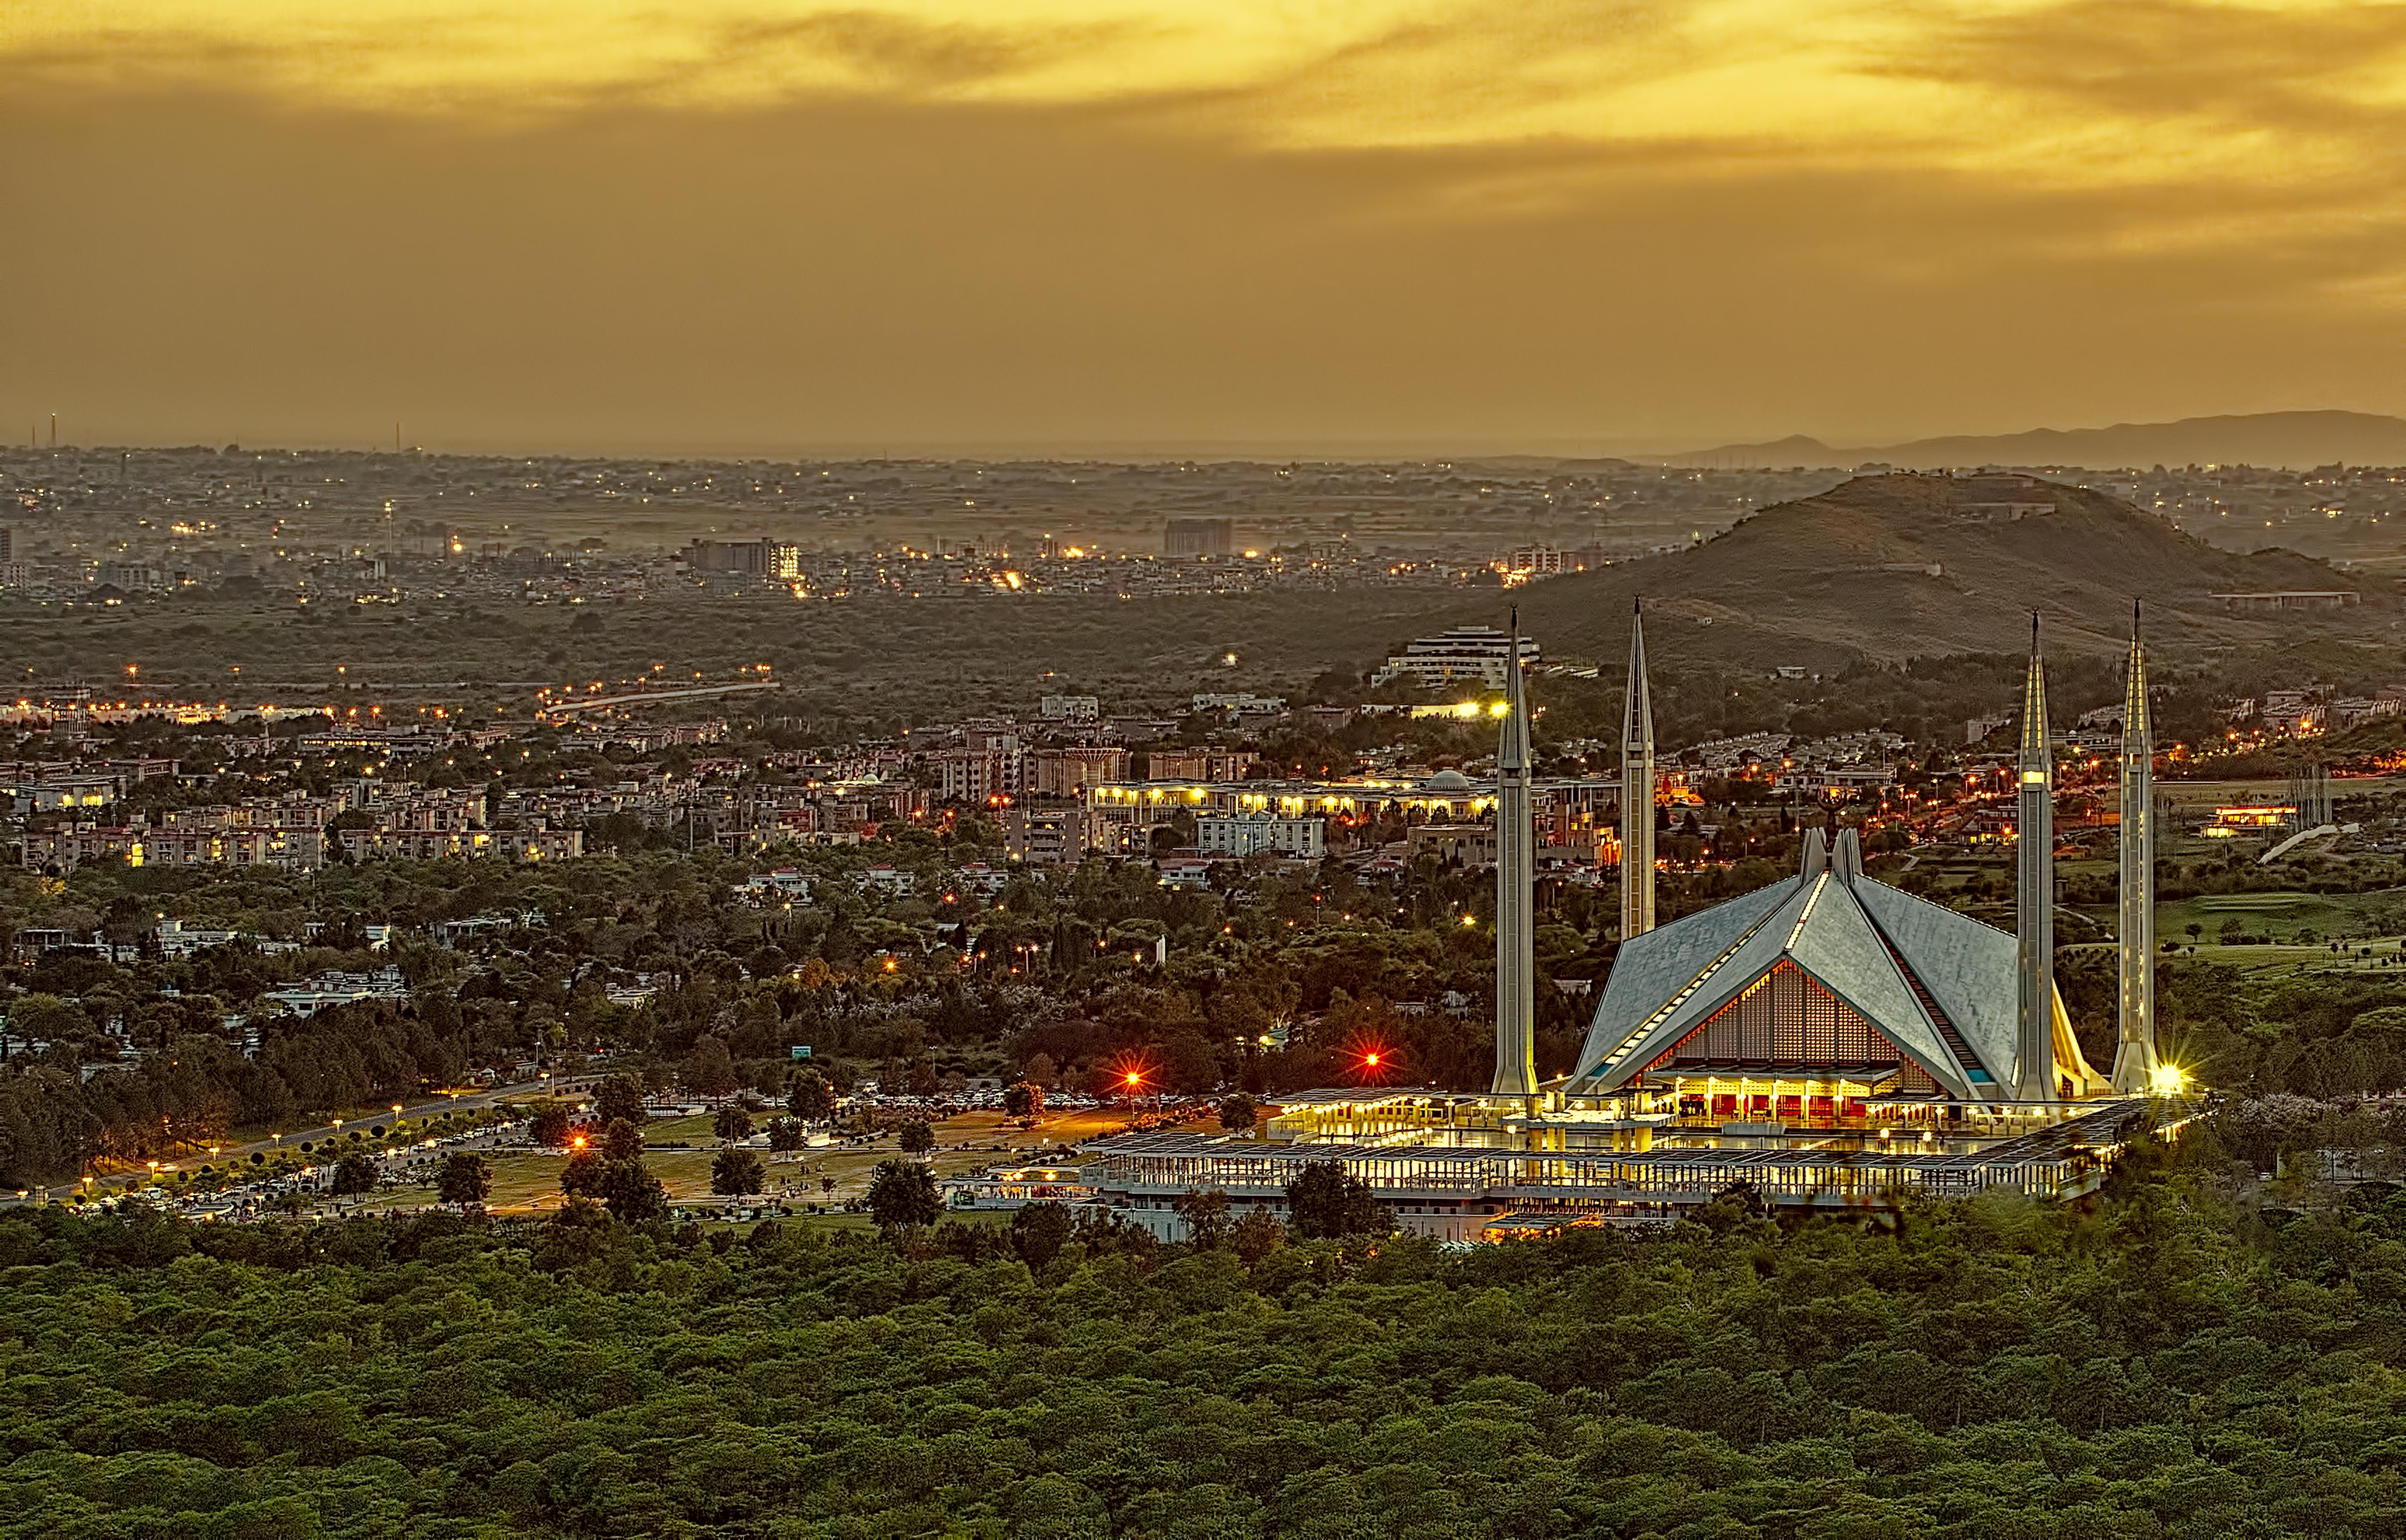 Islamabad–Rawalpindi metropolitan area - Wikipedia